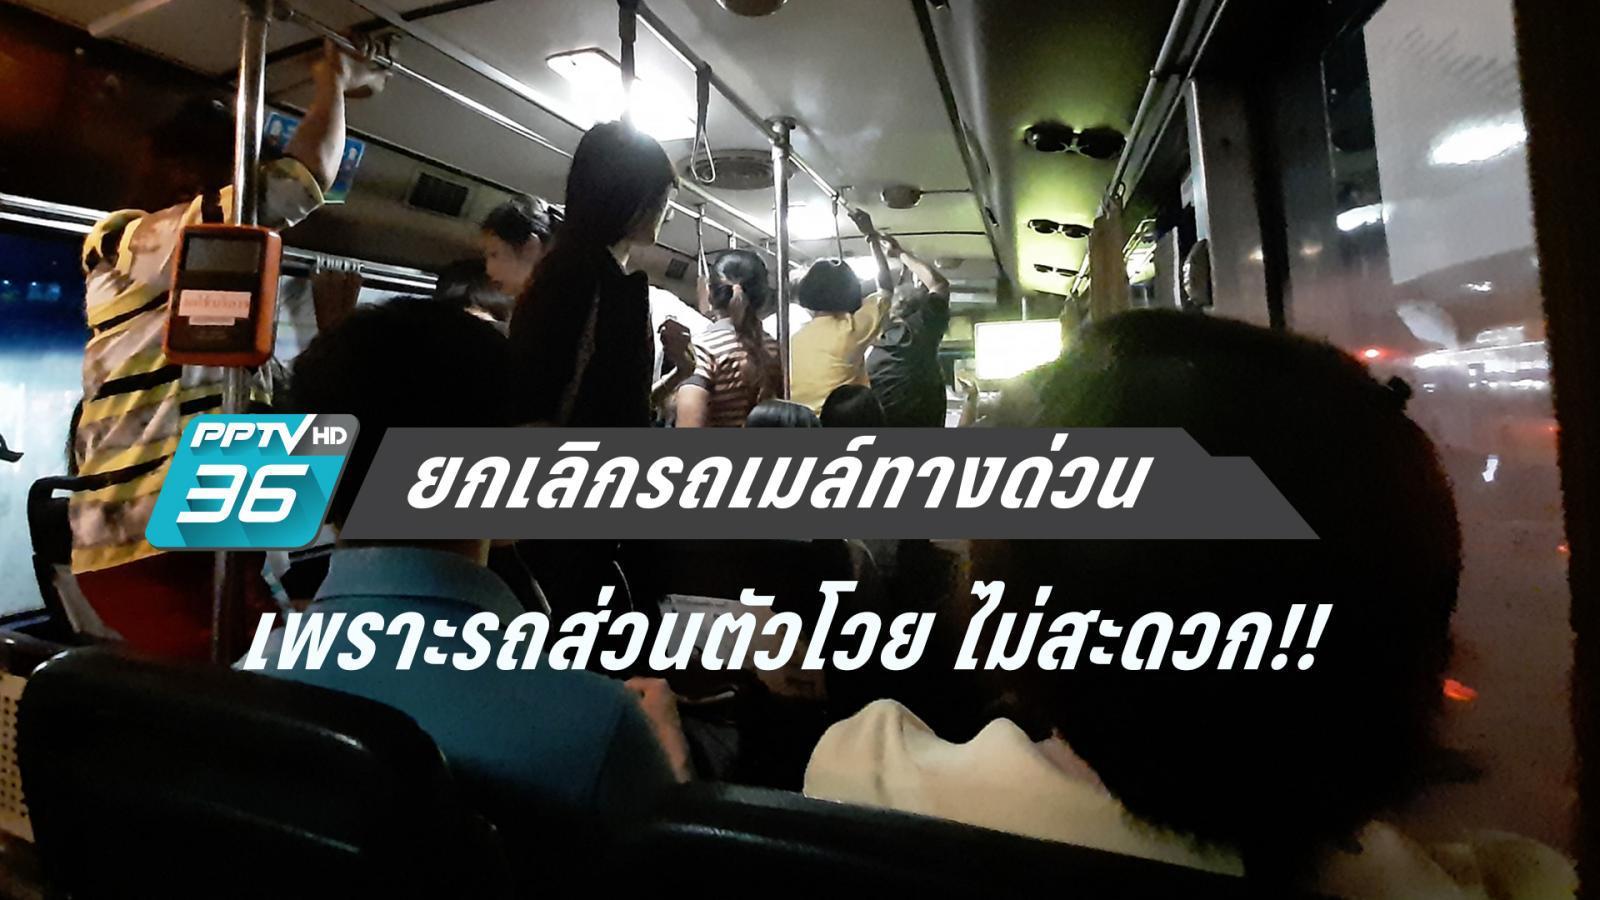 ยกเลิกรถเมล์ 515  ขึ้นทางด่วน เพราะคนใช้รถส่วนตัวโวยไม่ได้รับความสะดวก